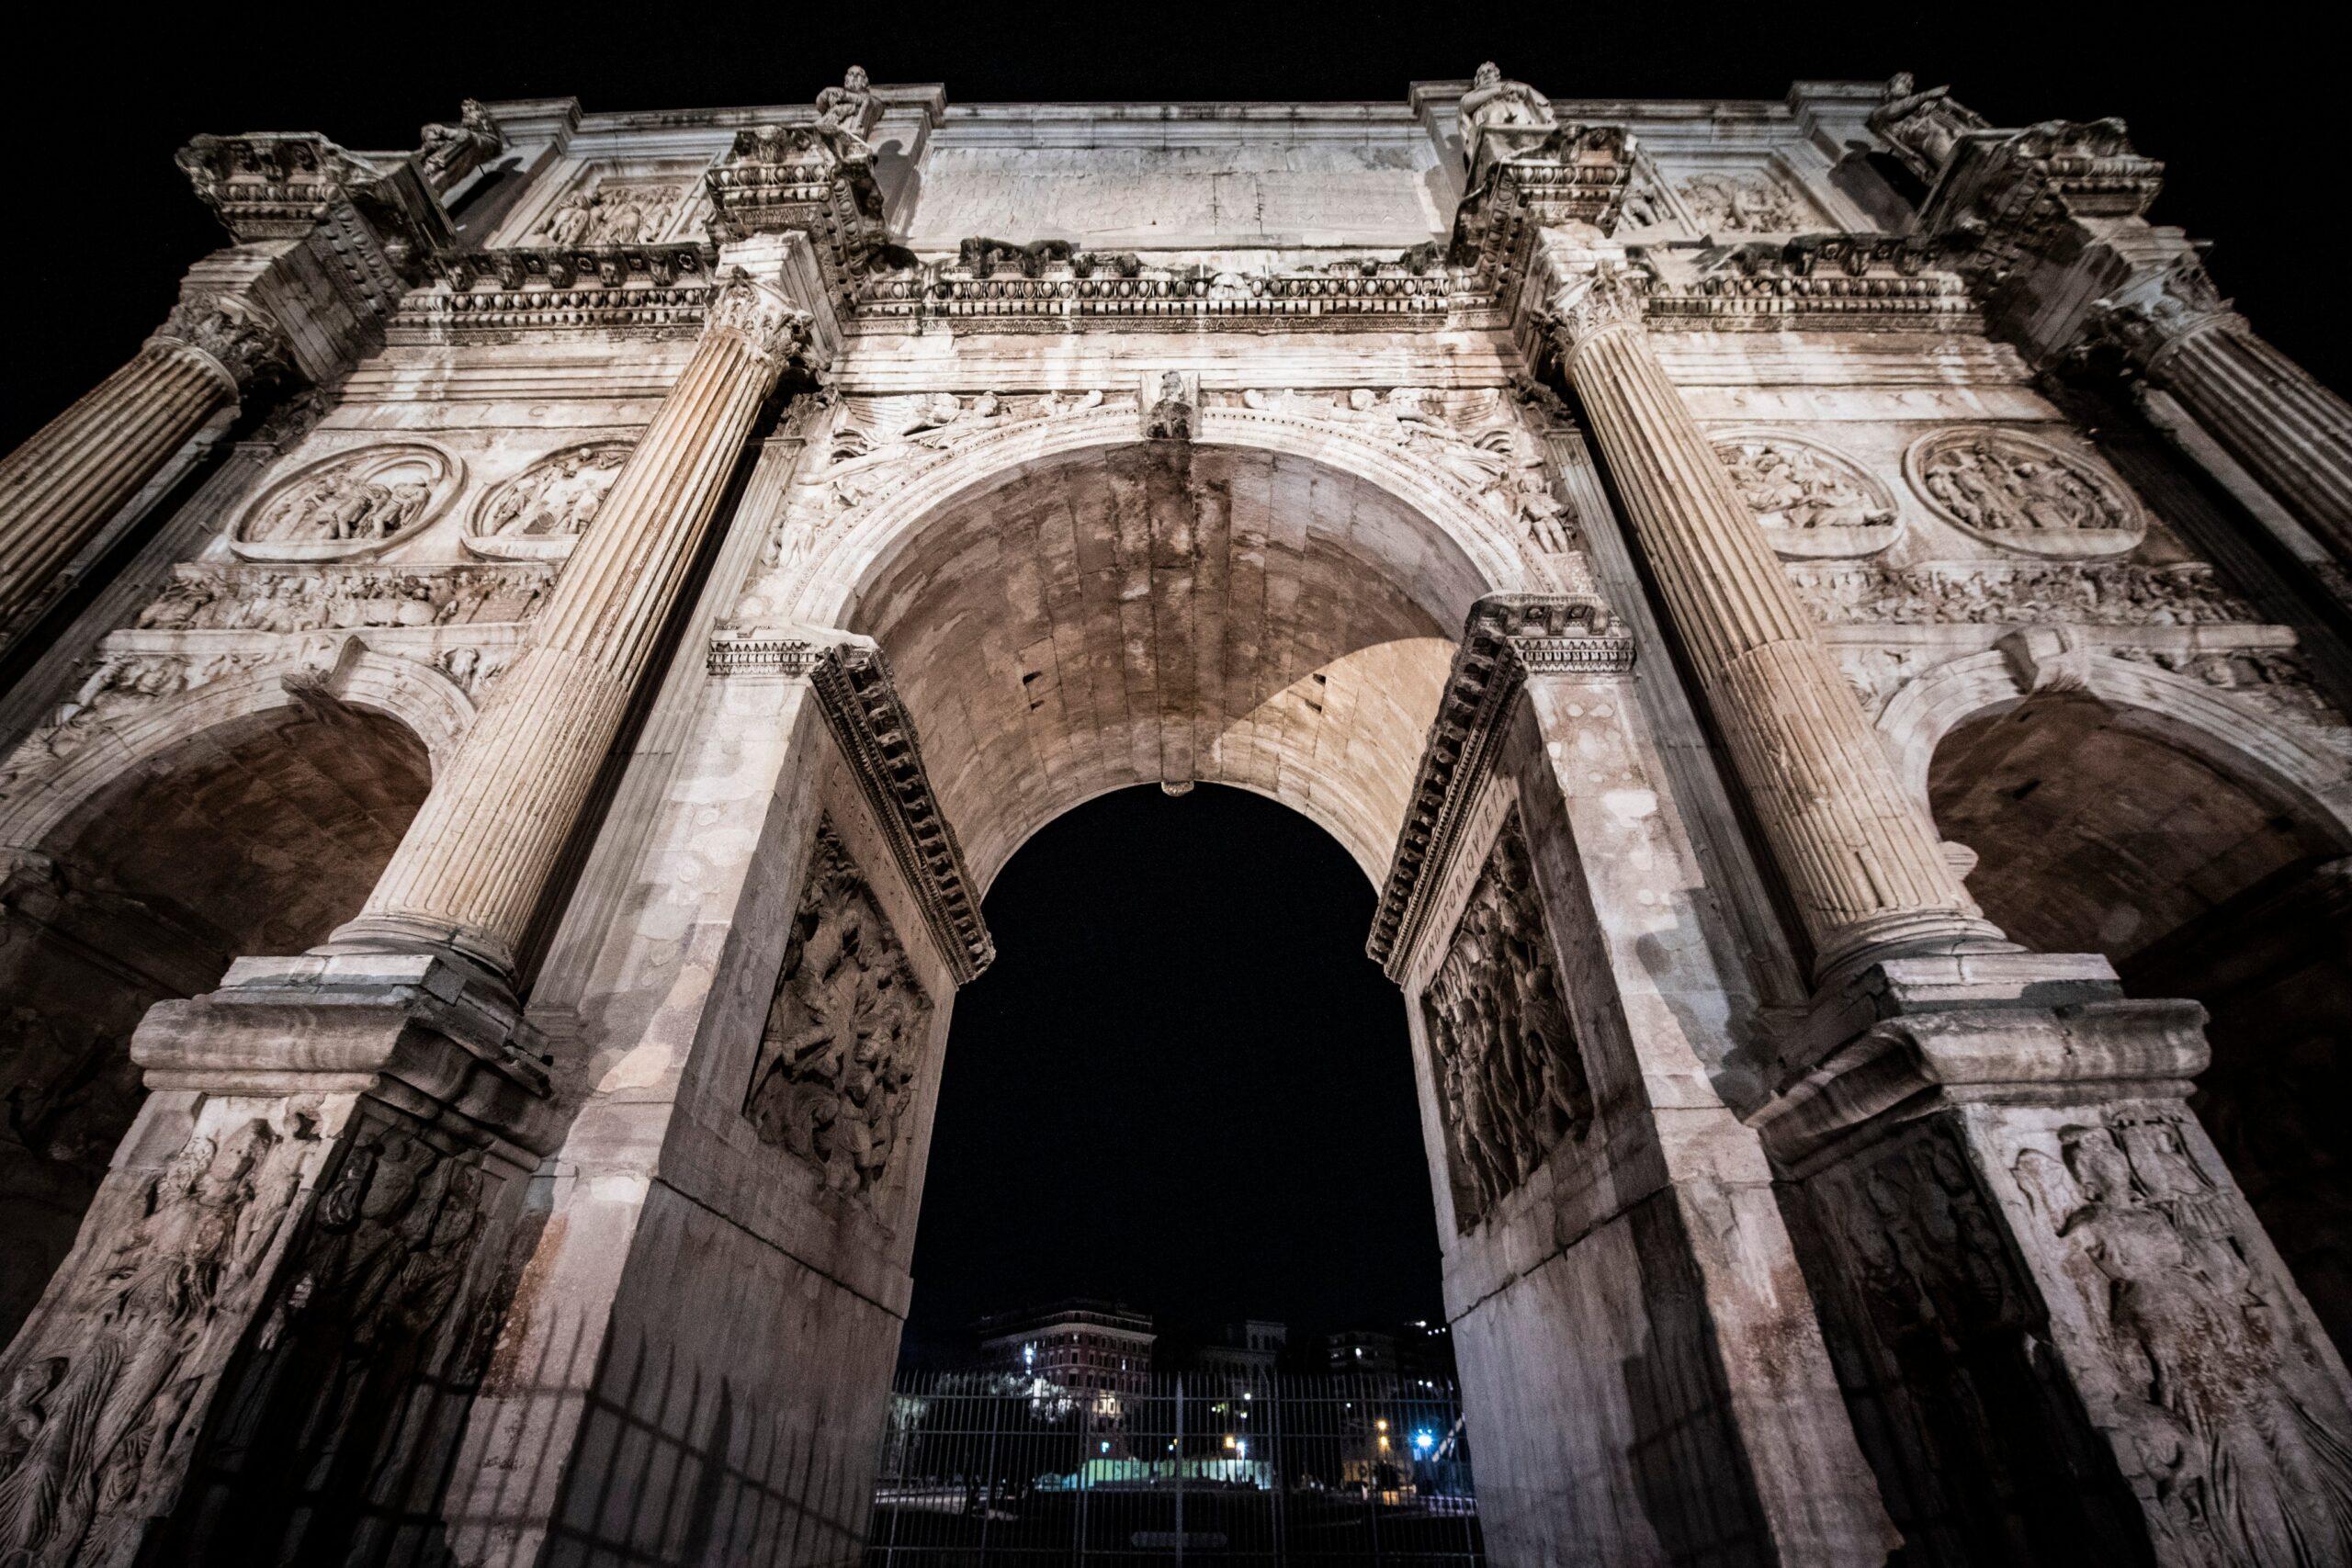 La grande bellezza. Nuova illuminazione artistica per l'Arco di Costantino e Piazza del Popolo a Roma